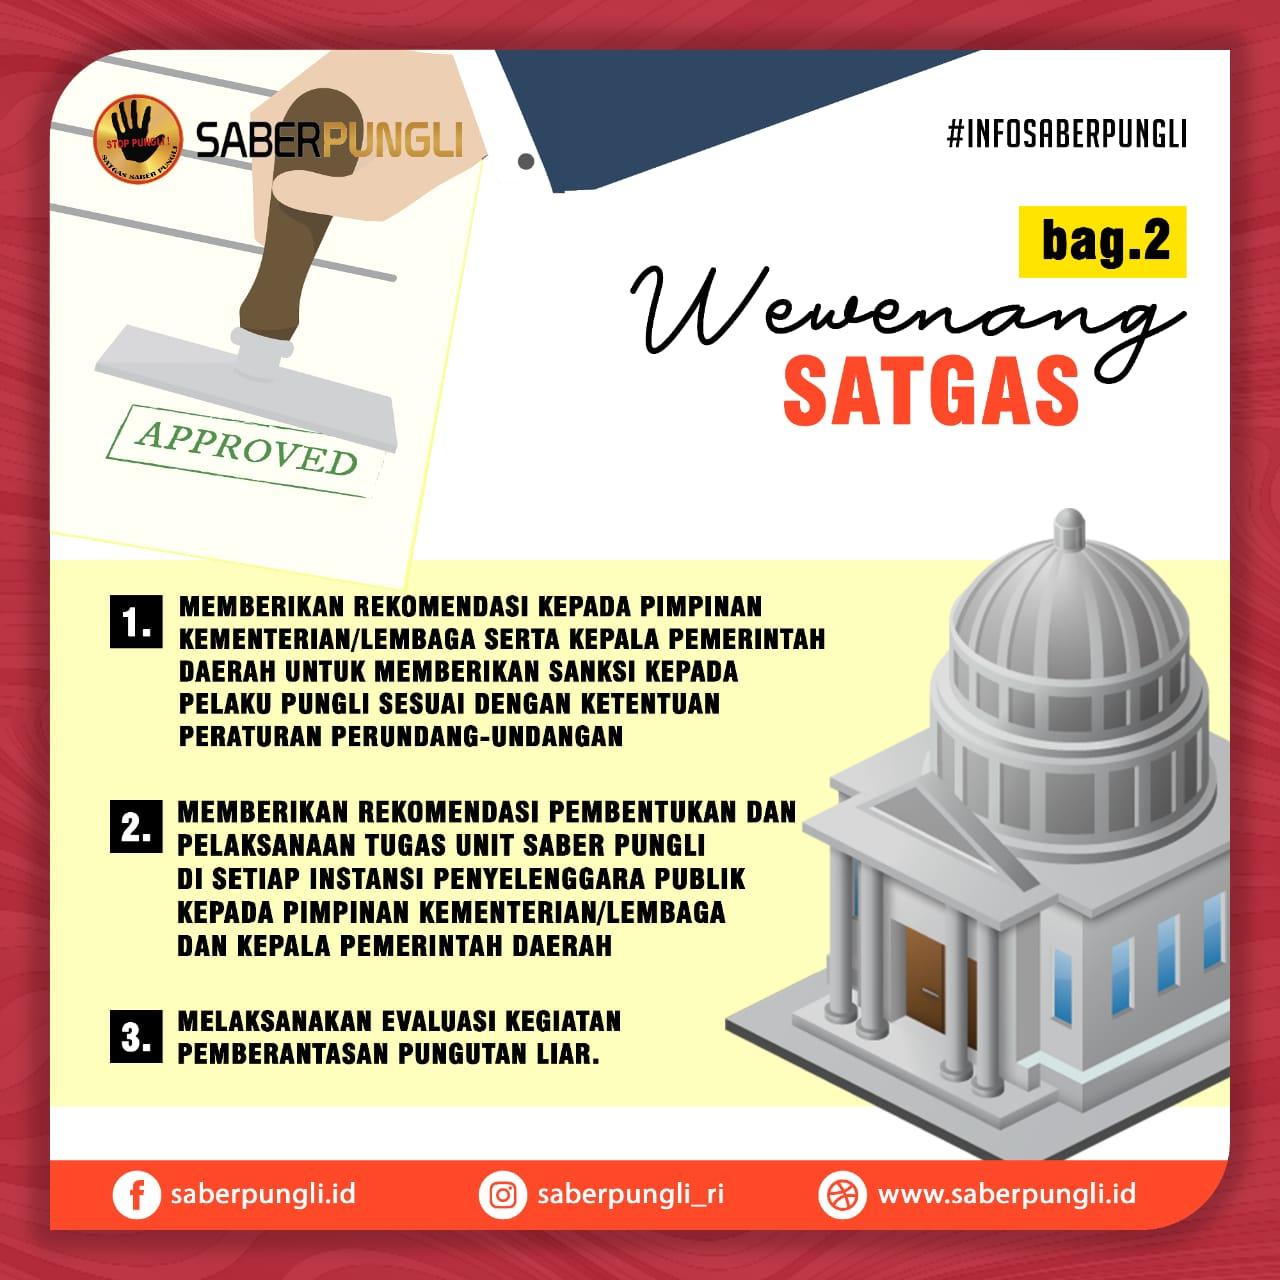 16 - WEWENANG SATGAS BAG.2